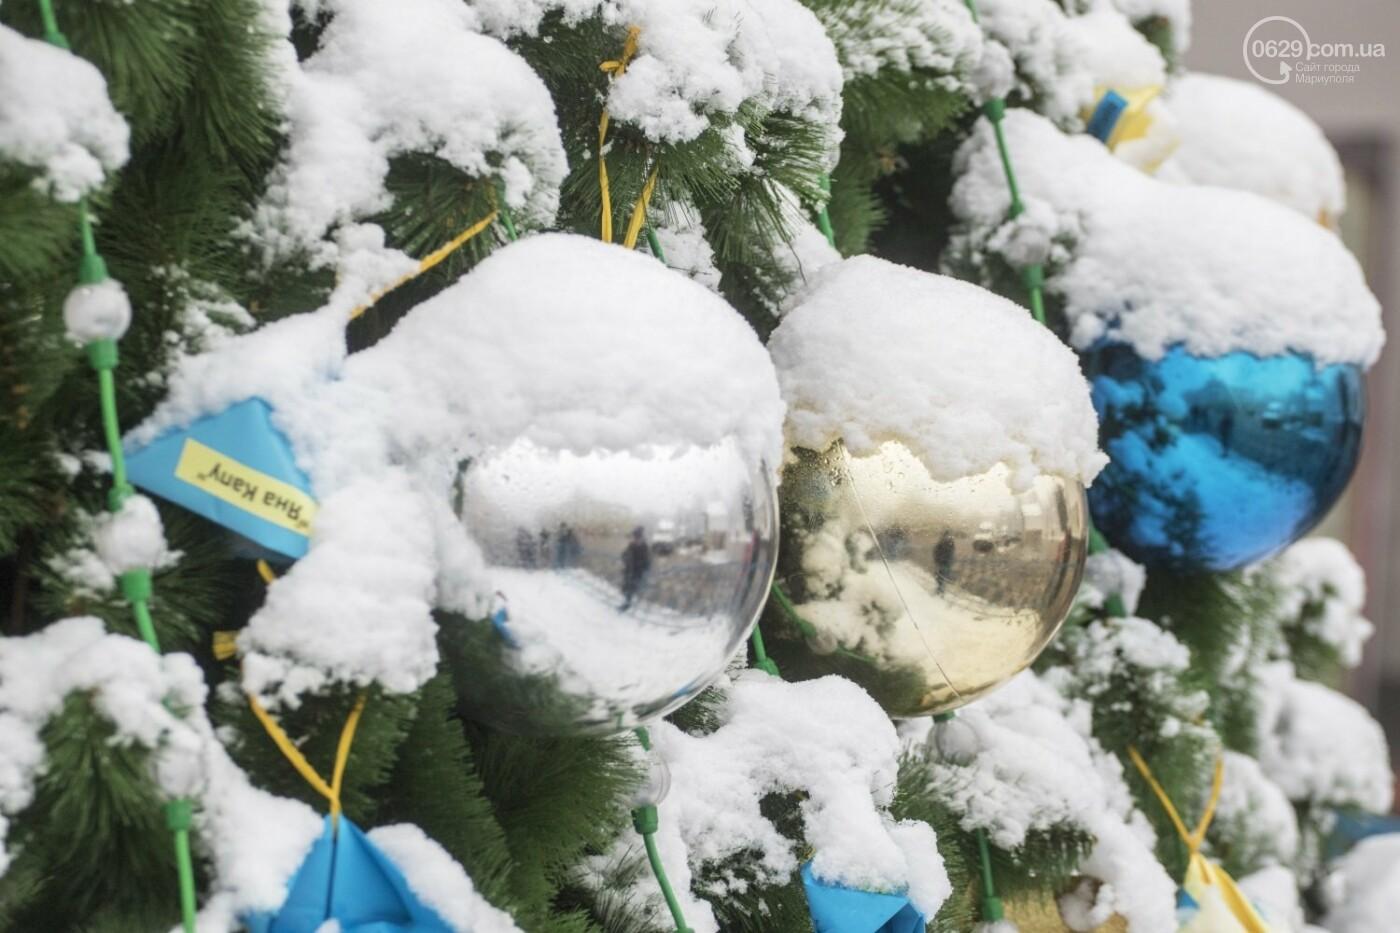 38 фотографий, одна ворона и одна синица... ФОТОРЕПОРТАЖ для тех, кто проспал первый настоящий снег, фото-18